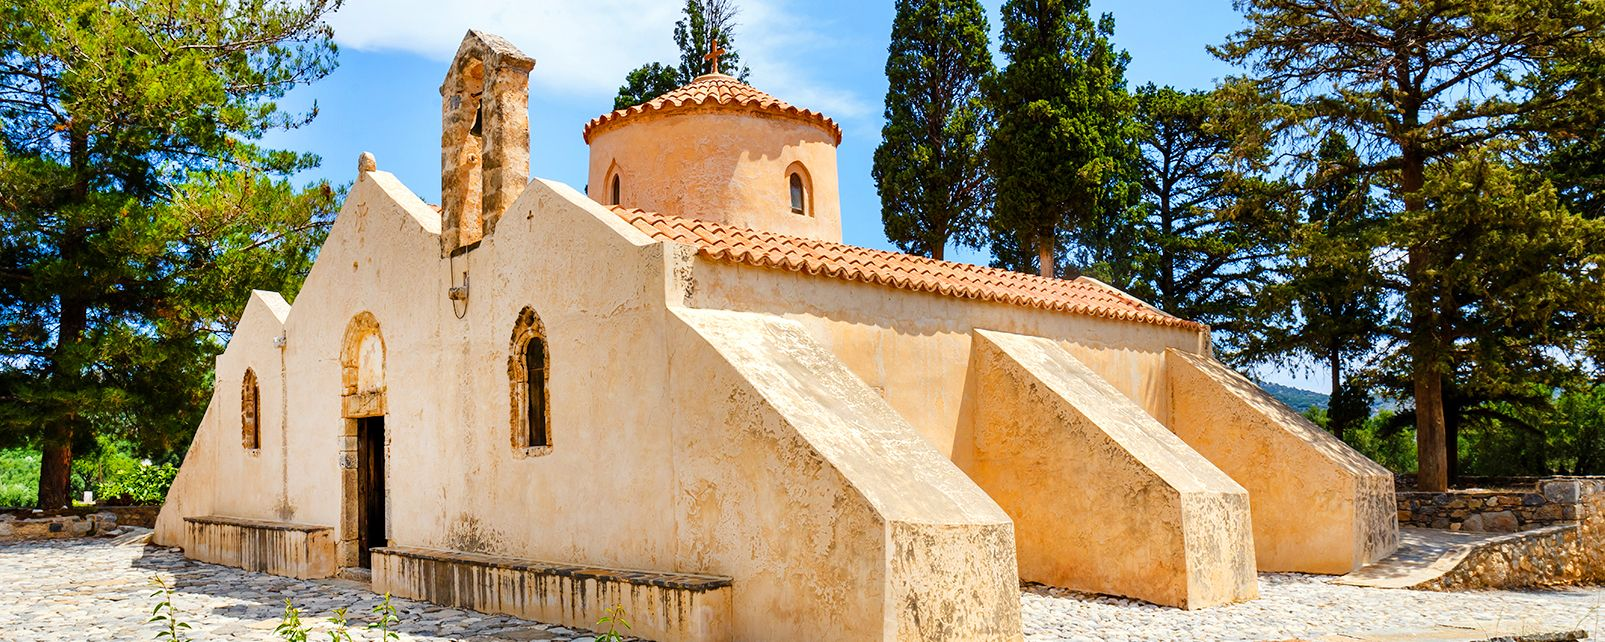 , Panagia Kera church, Monuments, Crete